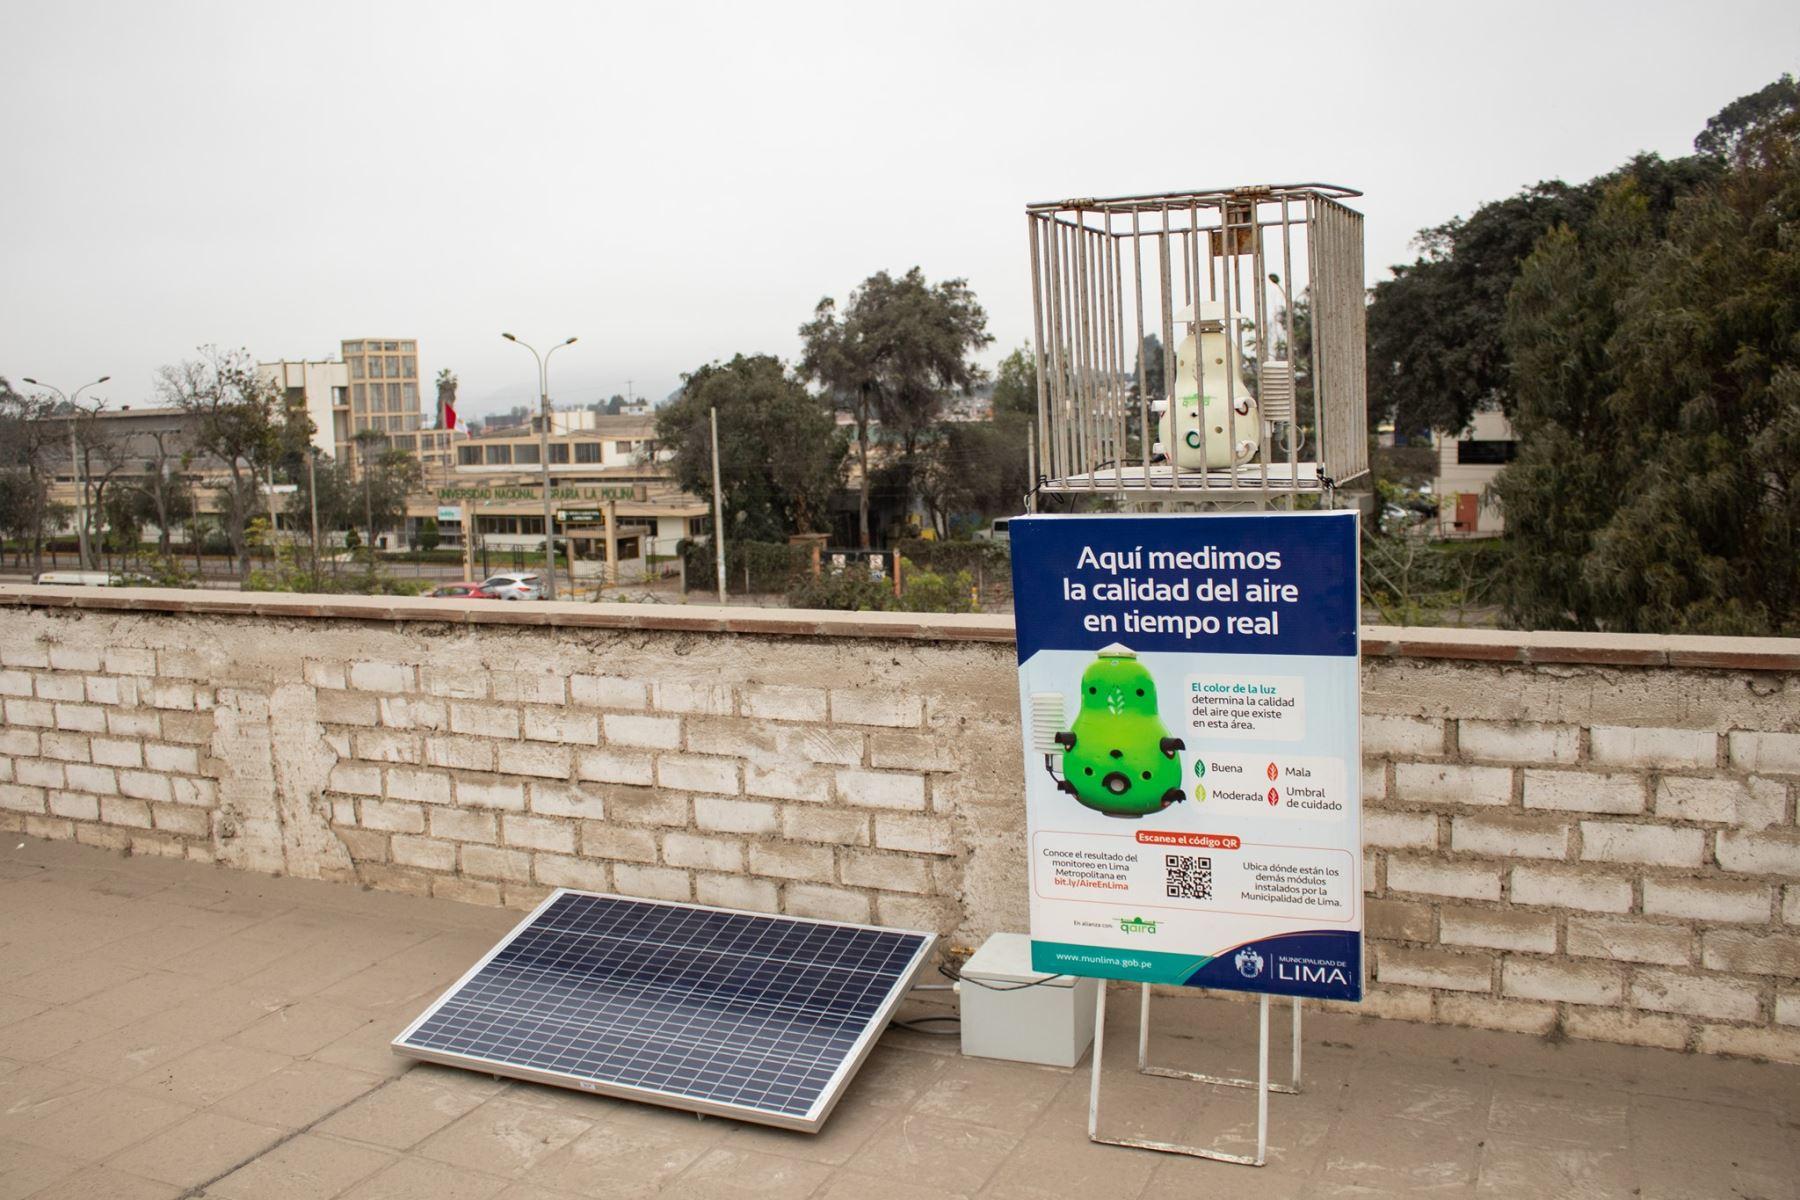 La Universidad Agraria La Molina desde hace tres años se está trabajando en el laboratorio de contaminación atmosférica el diseño de equipos similares que miden la calidad de aire usando estos sensores de bajo costo. (Foto: Universidad Agraria La Molina)